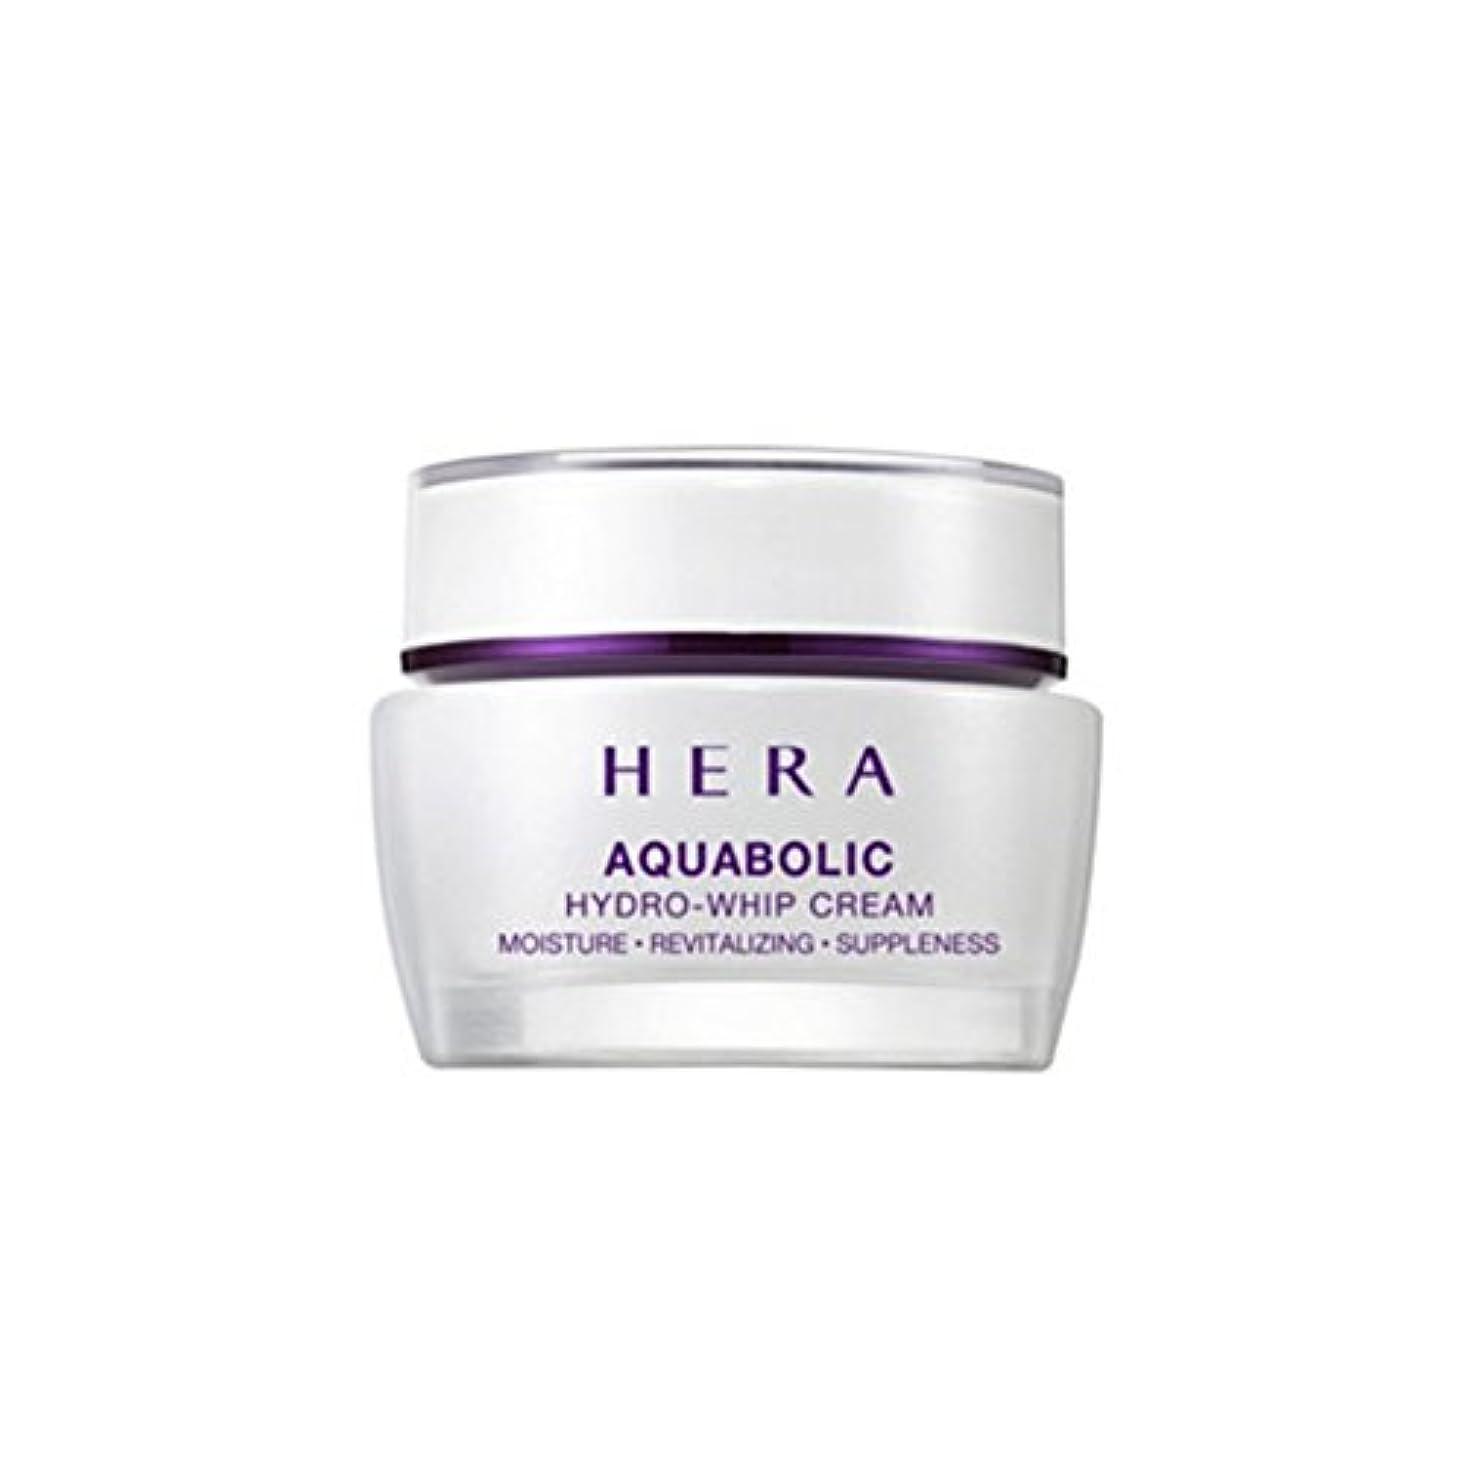 電話プロジェクターかりて(ヘラ) HERA Aquabolic Hydro-Whip Cream アクアボリックハイドロホイップ クリーム (韓国直発送) oopspanda